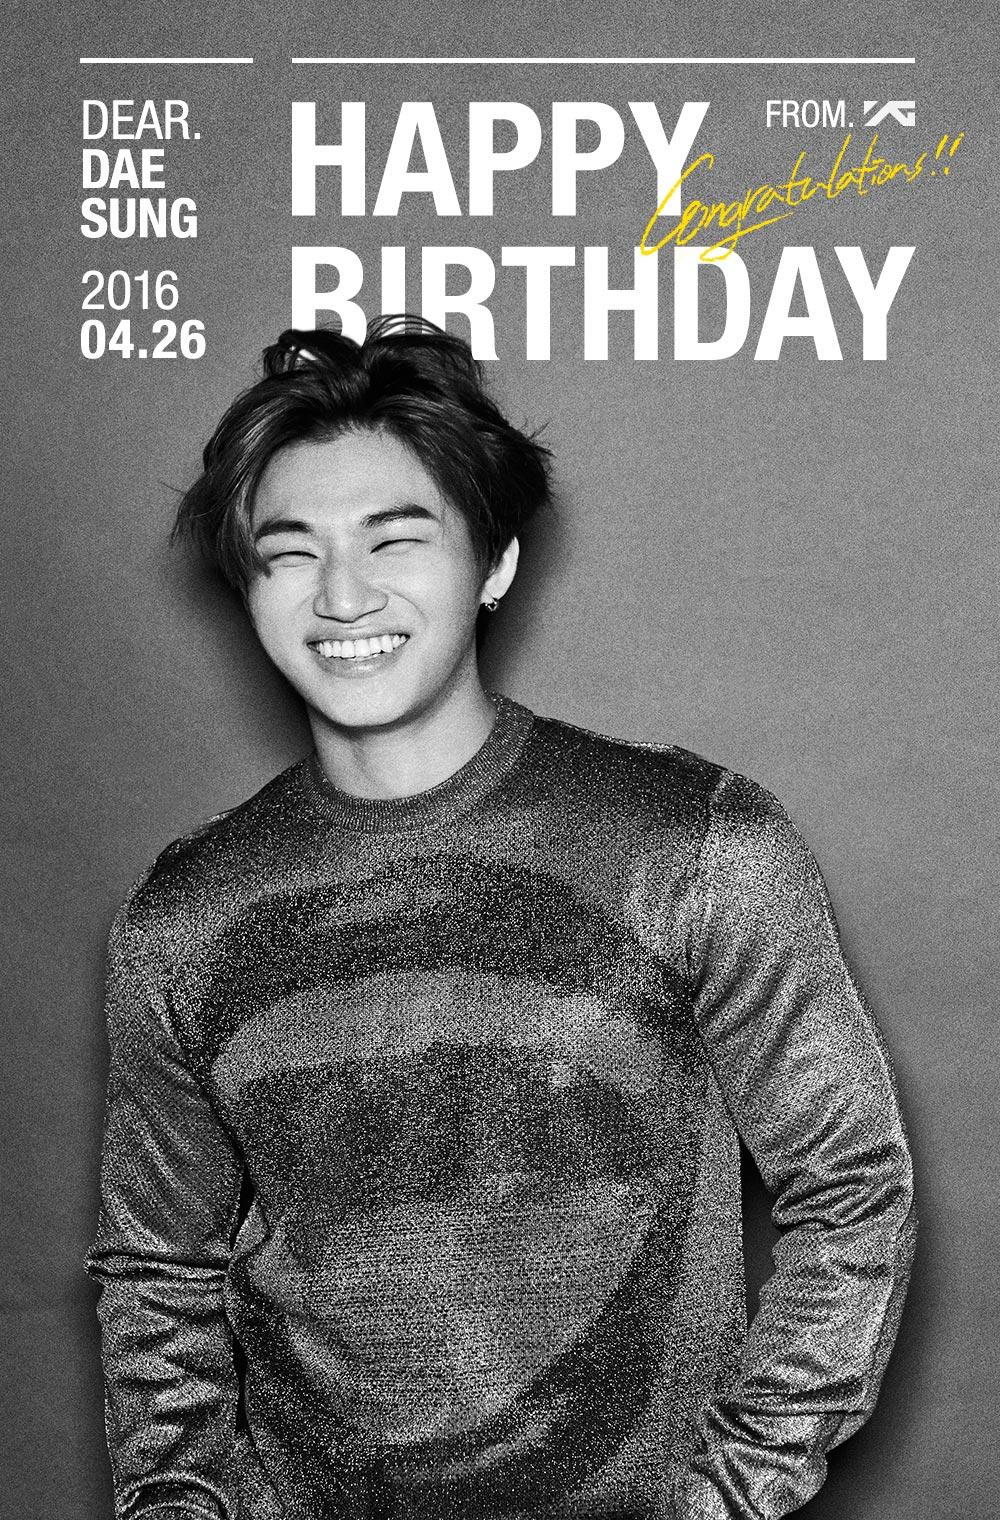 Dae Sung - Happy Birthday - 26apr2016 - yg-life - 01.jpg